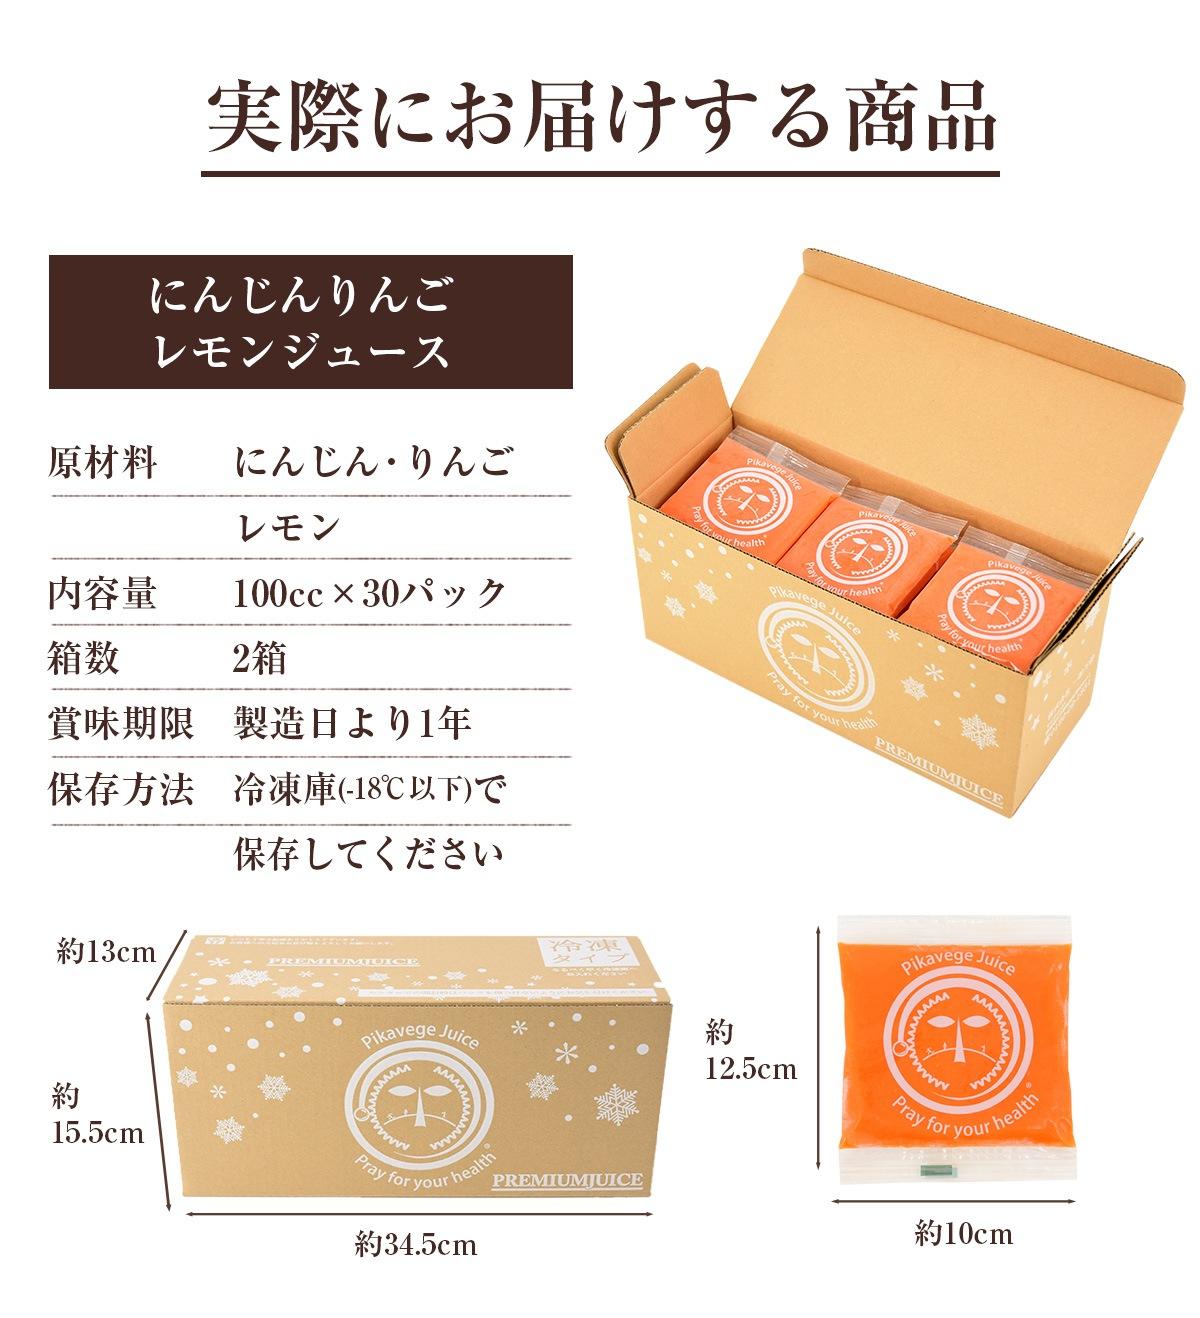 実際にお届けする商品(2箱)